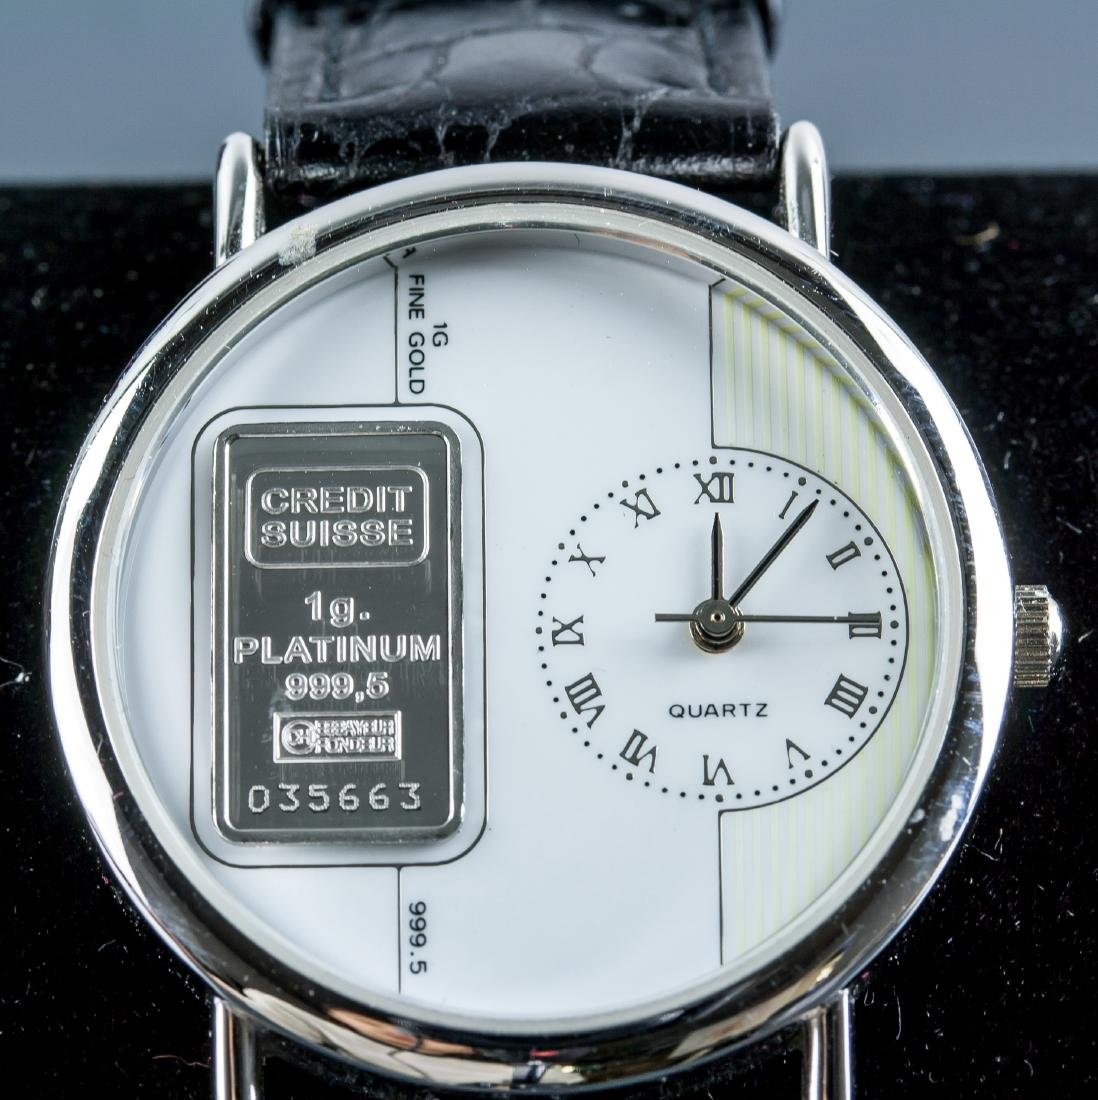 Credit Suiss 1g 999.5 Platinum Ingot Watch w/Cert